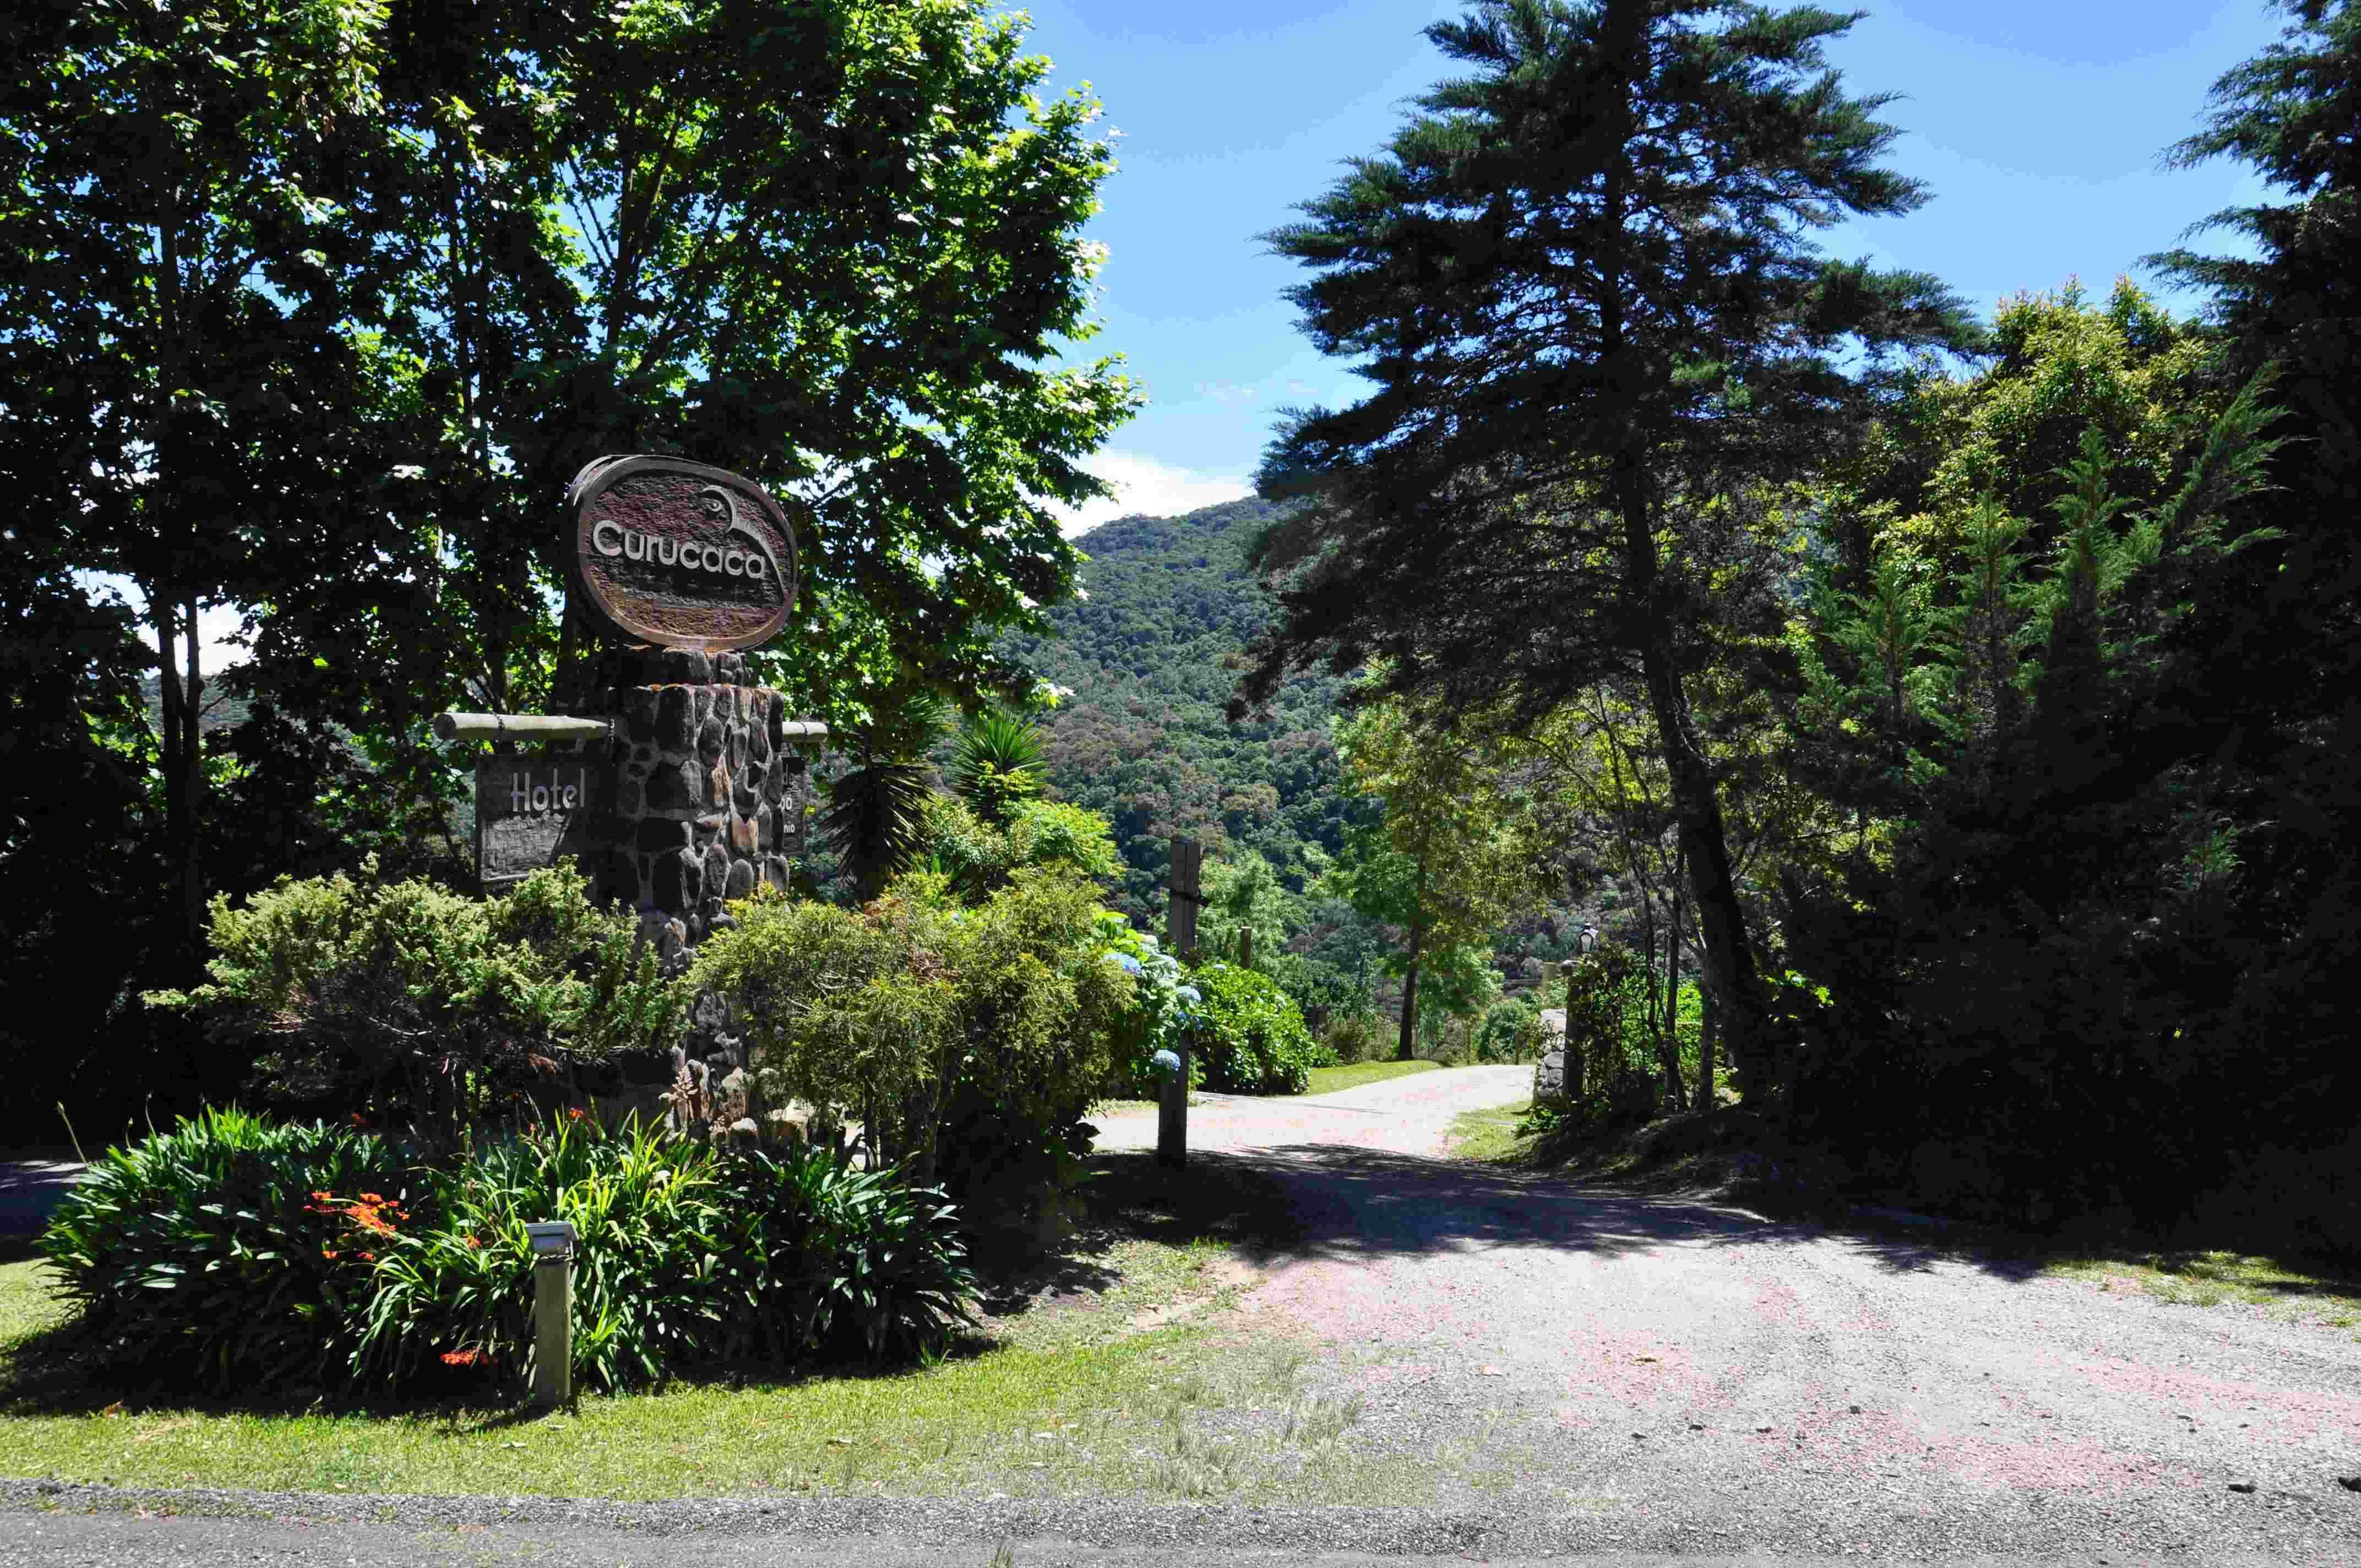 Curucaca_entrance